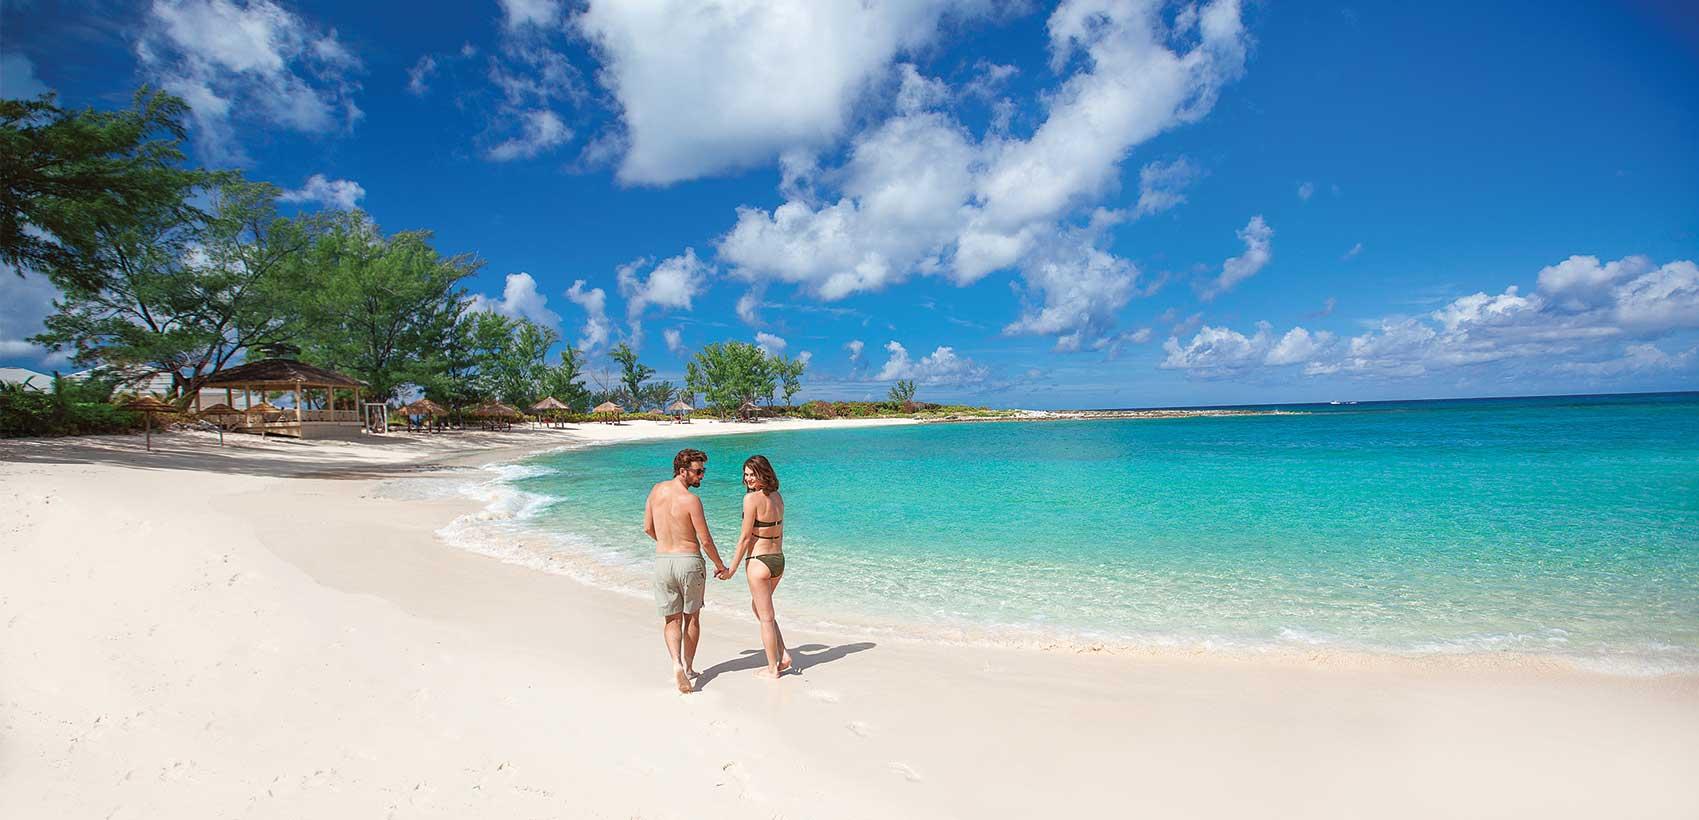 Profitez de nuits gratuites dans les Caraïbes et au Mexique avec Vacances WestJet 1